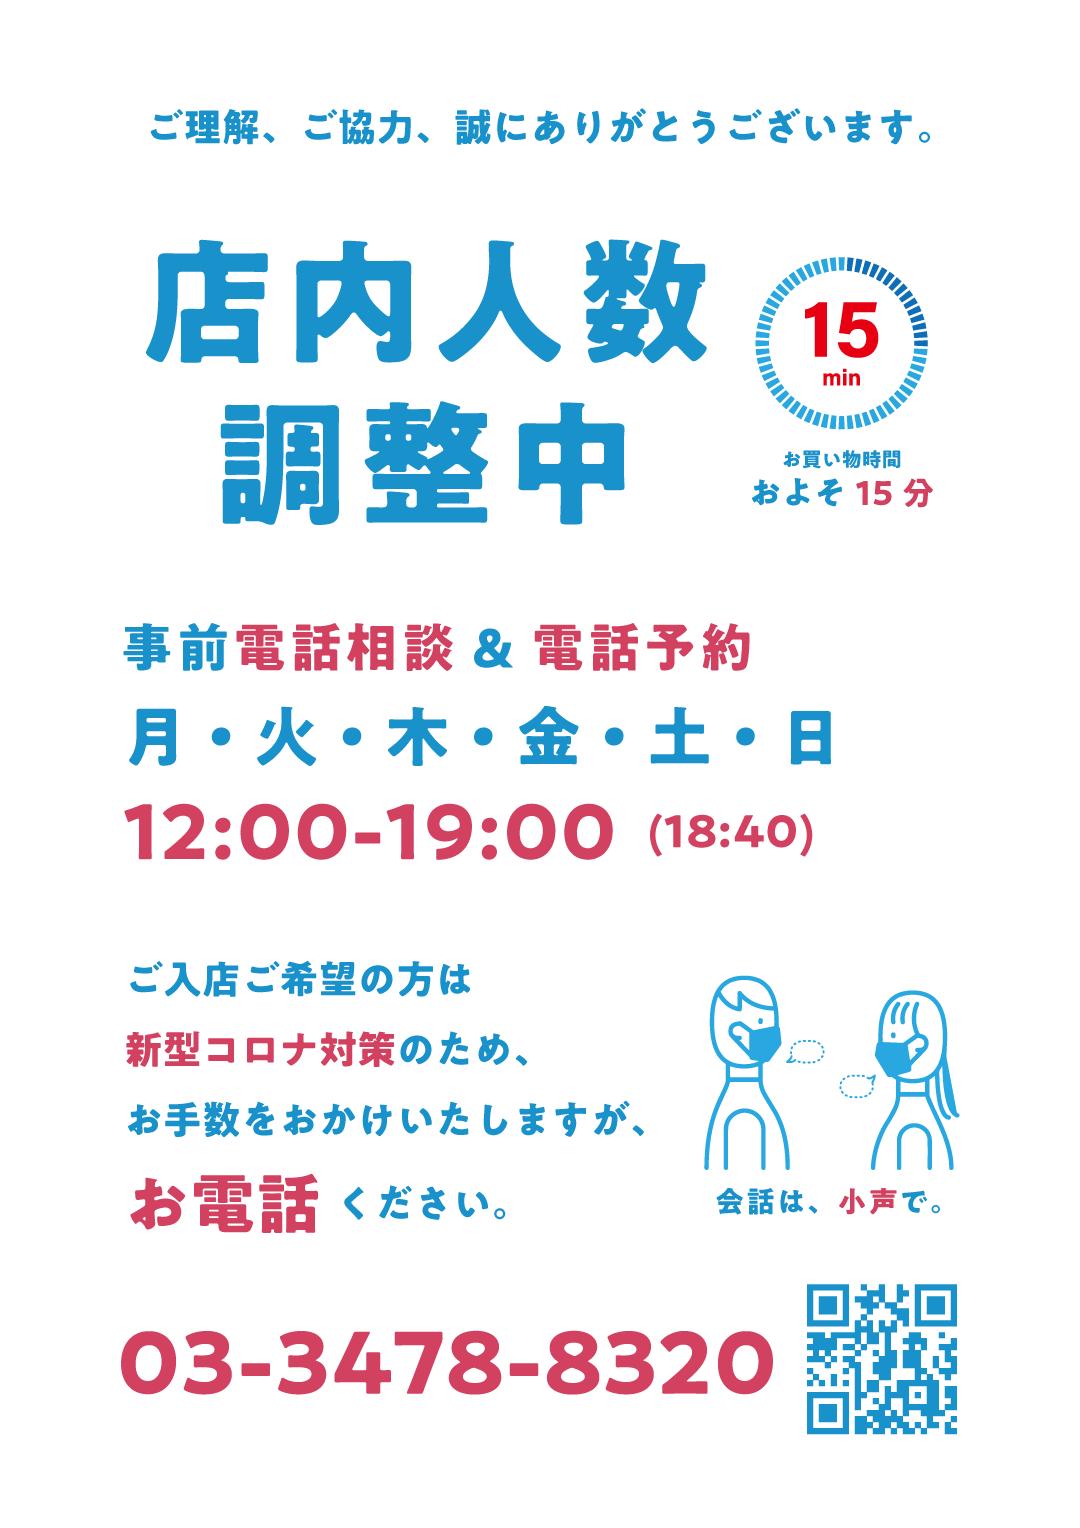 【2021.9更新】表参道店での新型コロナ感染防止対策について